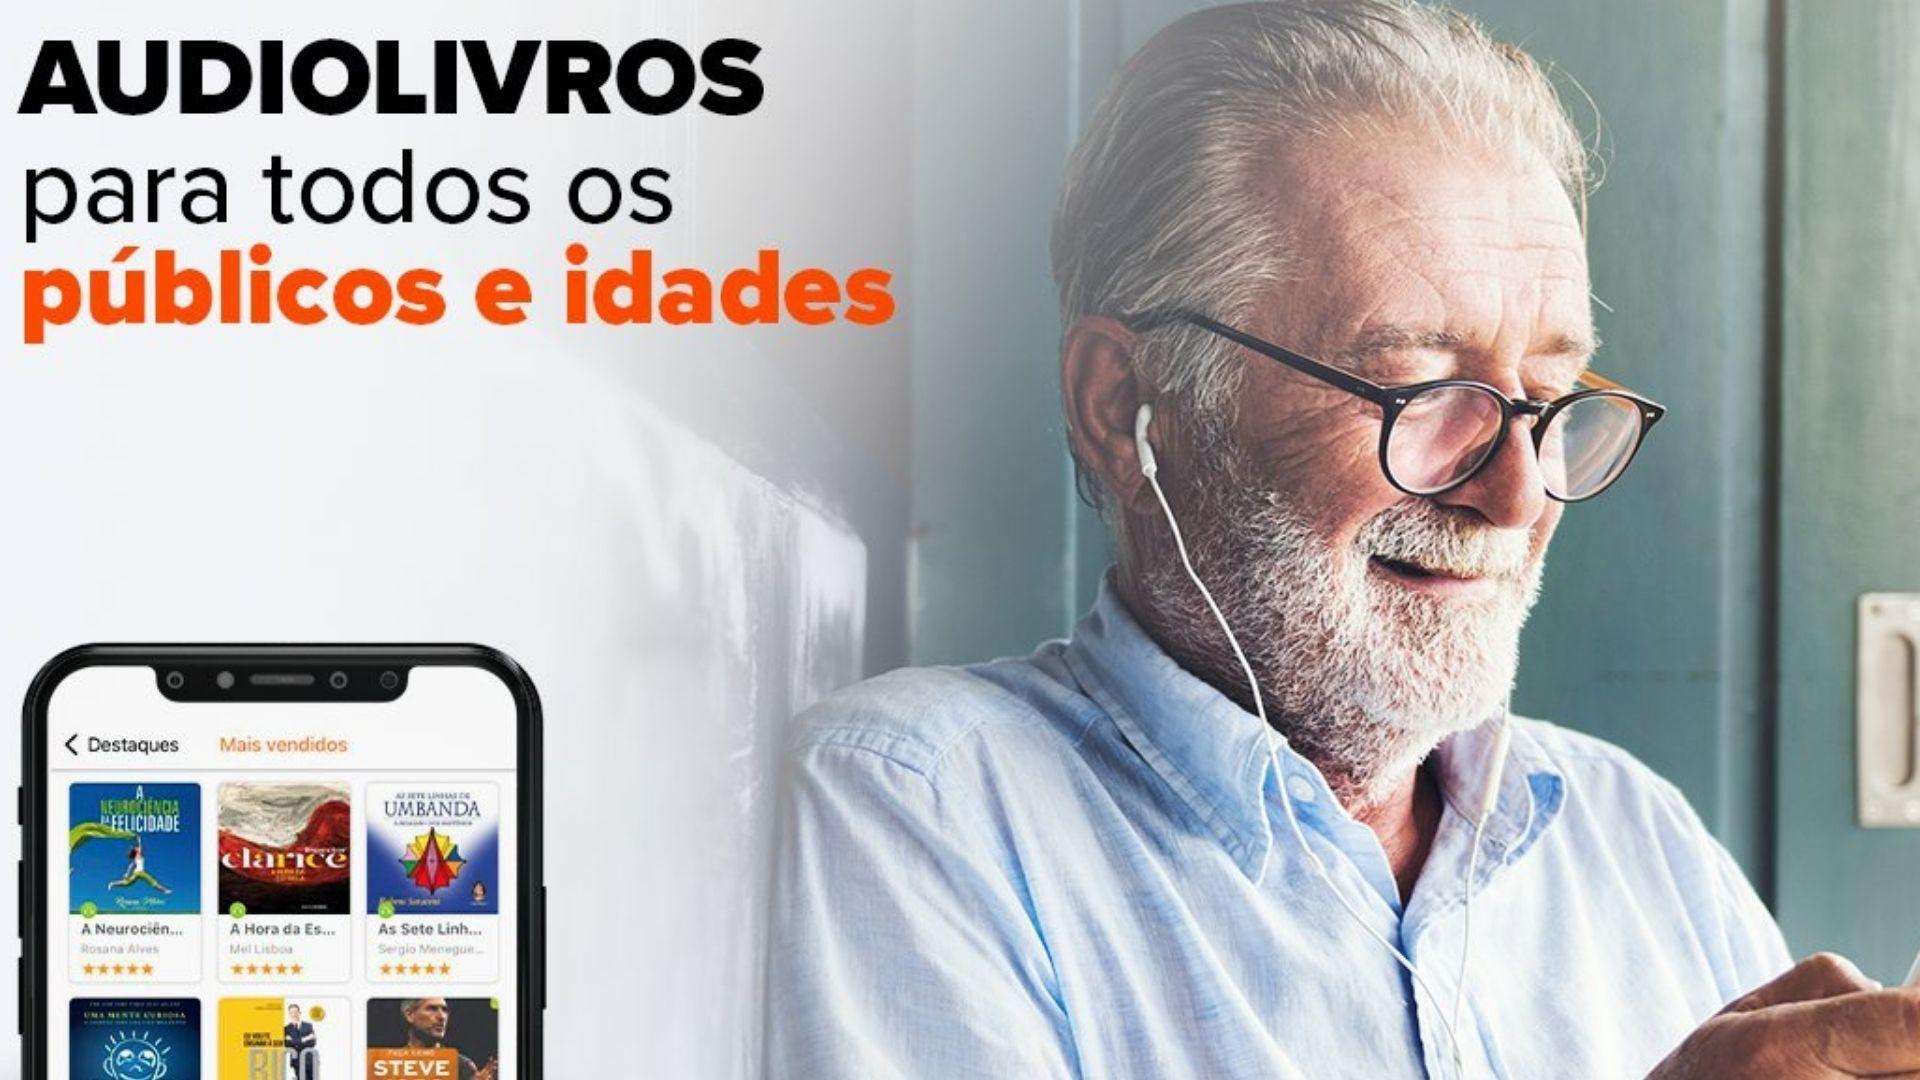 TocaLivros Audio Books promete opções para todas as idades (Foto: Reprodução)